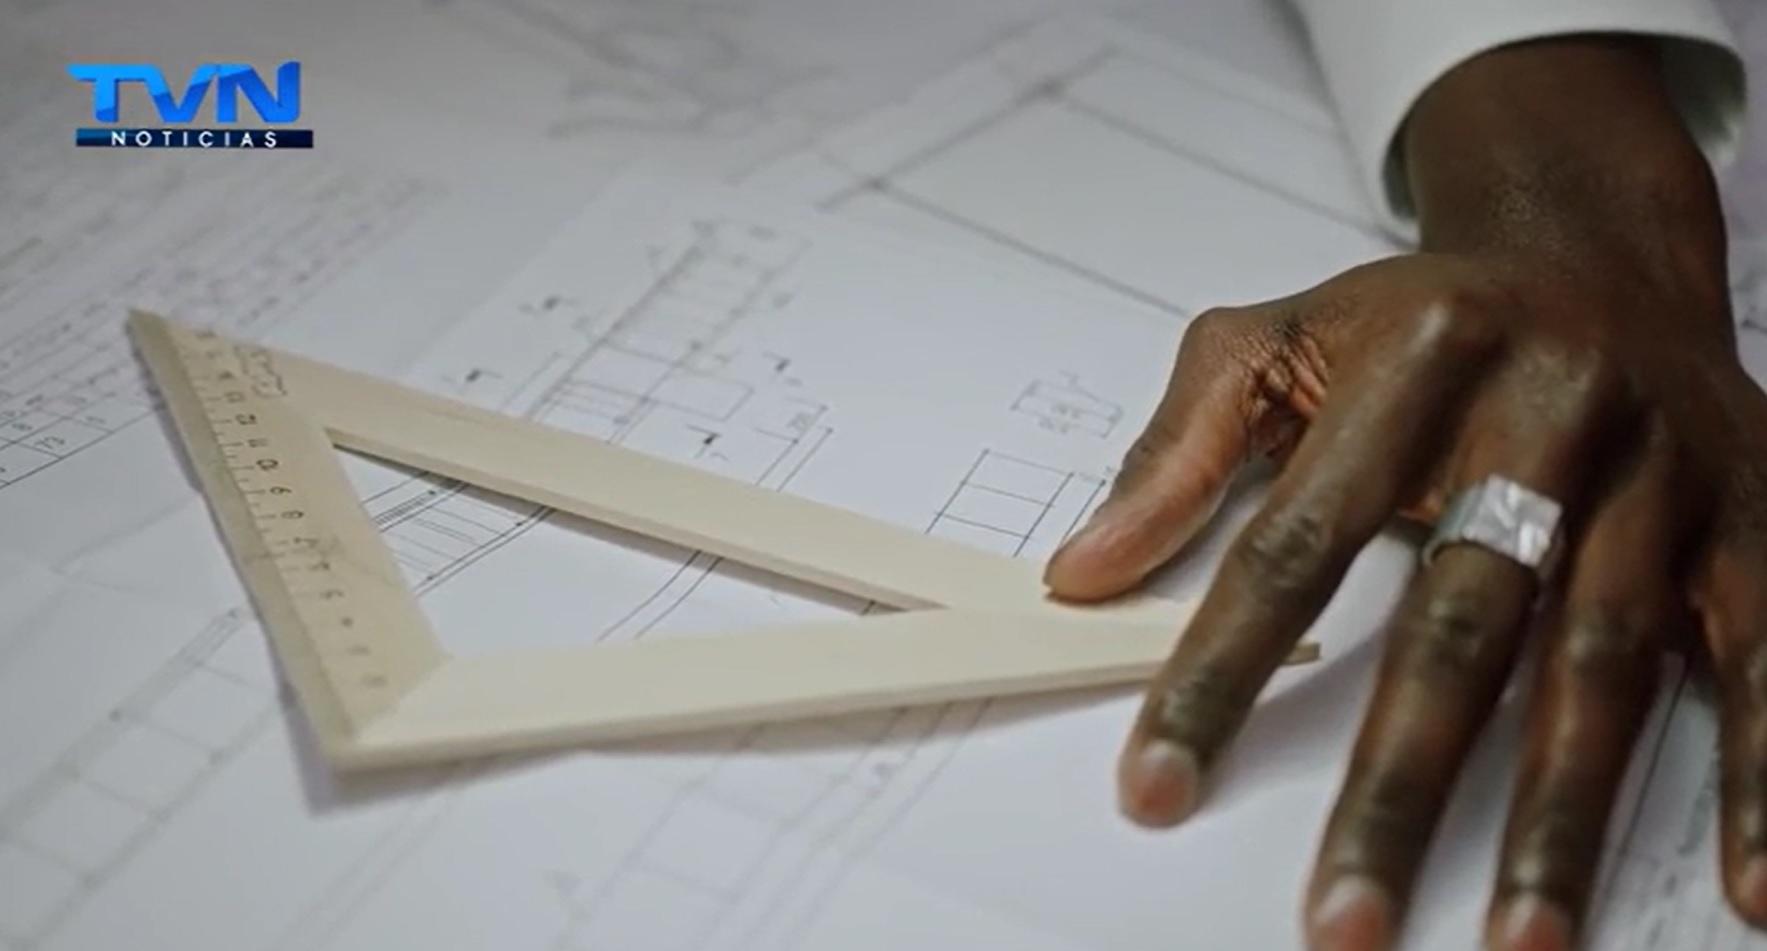 Los arquitectos norteños buscan la forma de organizarse para contribuir con el desarrollo que se avecina para la Zona Norte